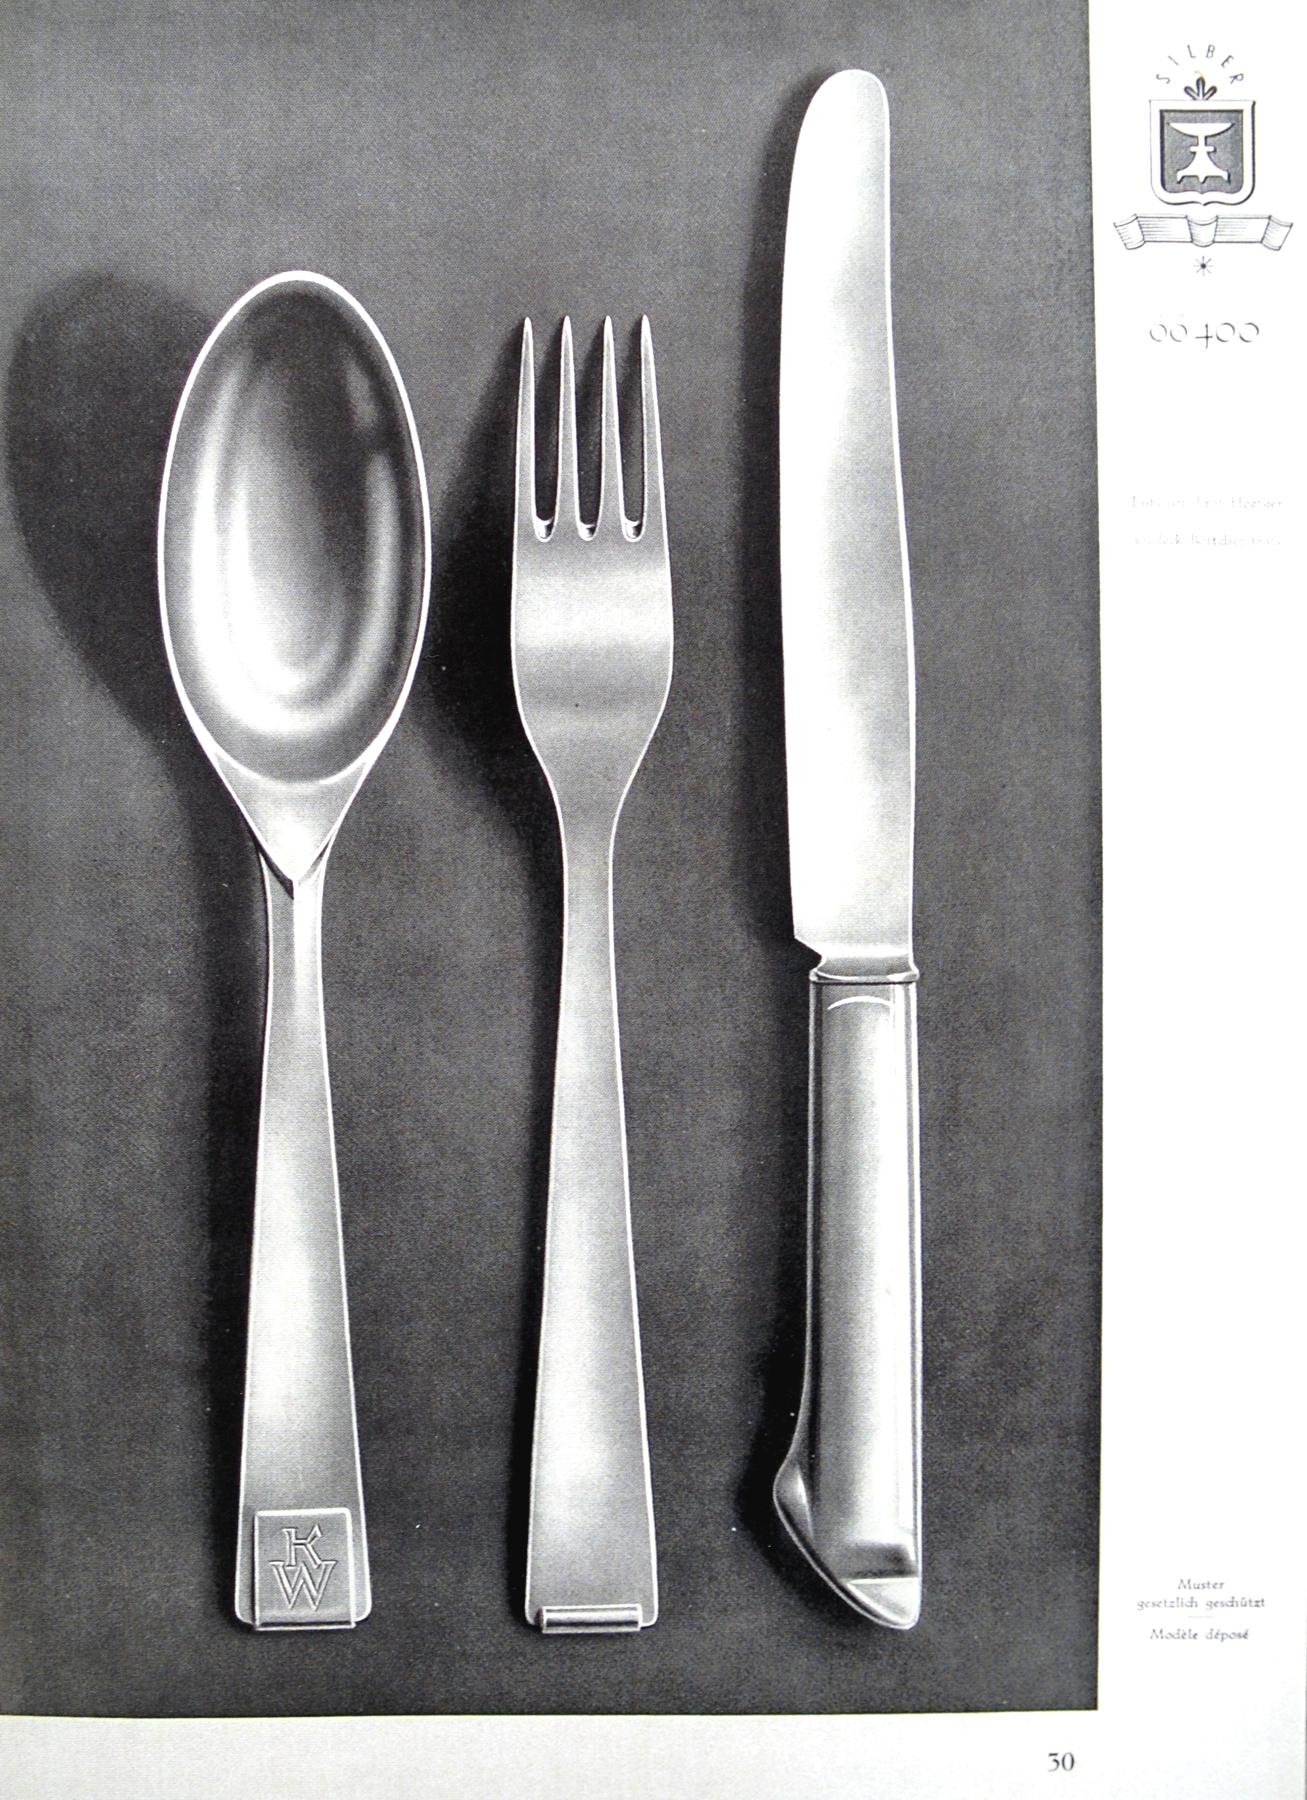 Manufakturen-Blog: Bernhard Hoetgers Besteck 66400 im Katalog von Koch & Bergfeld - die Gabelrückseite zeigt schön den Umschwung nach hinten (Repro: Wigmar Bressel)